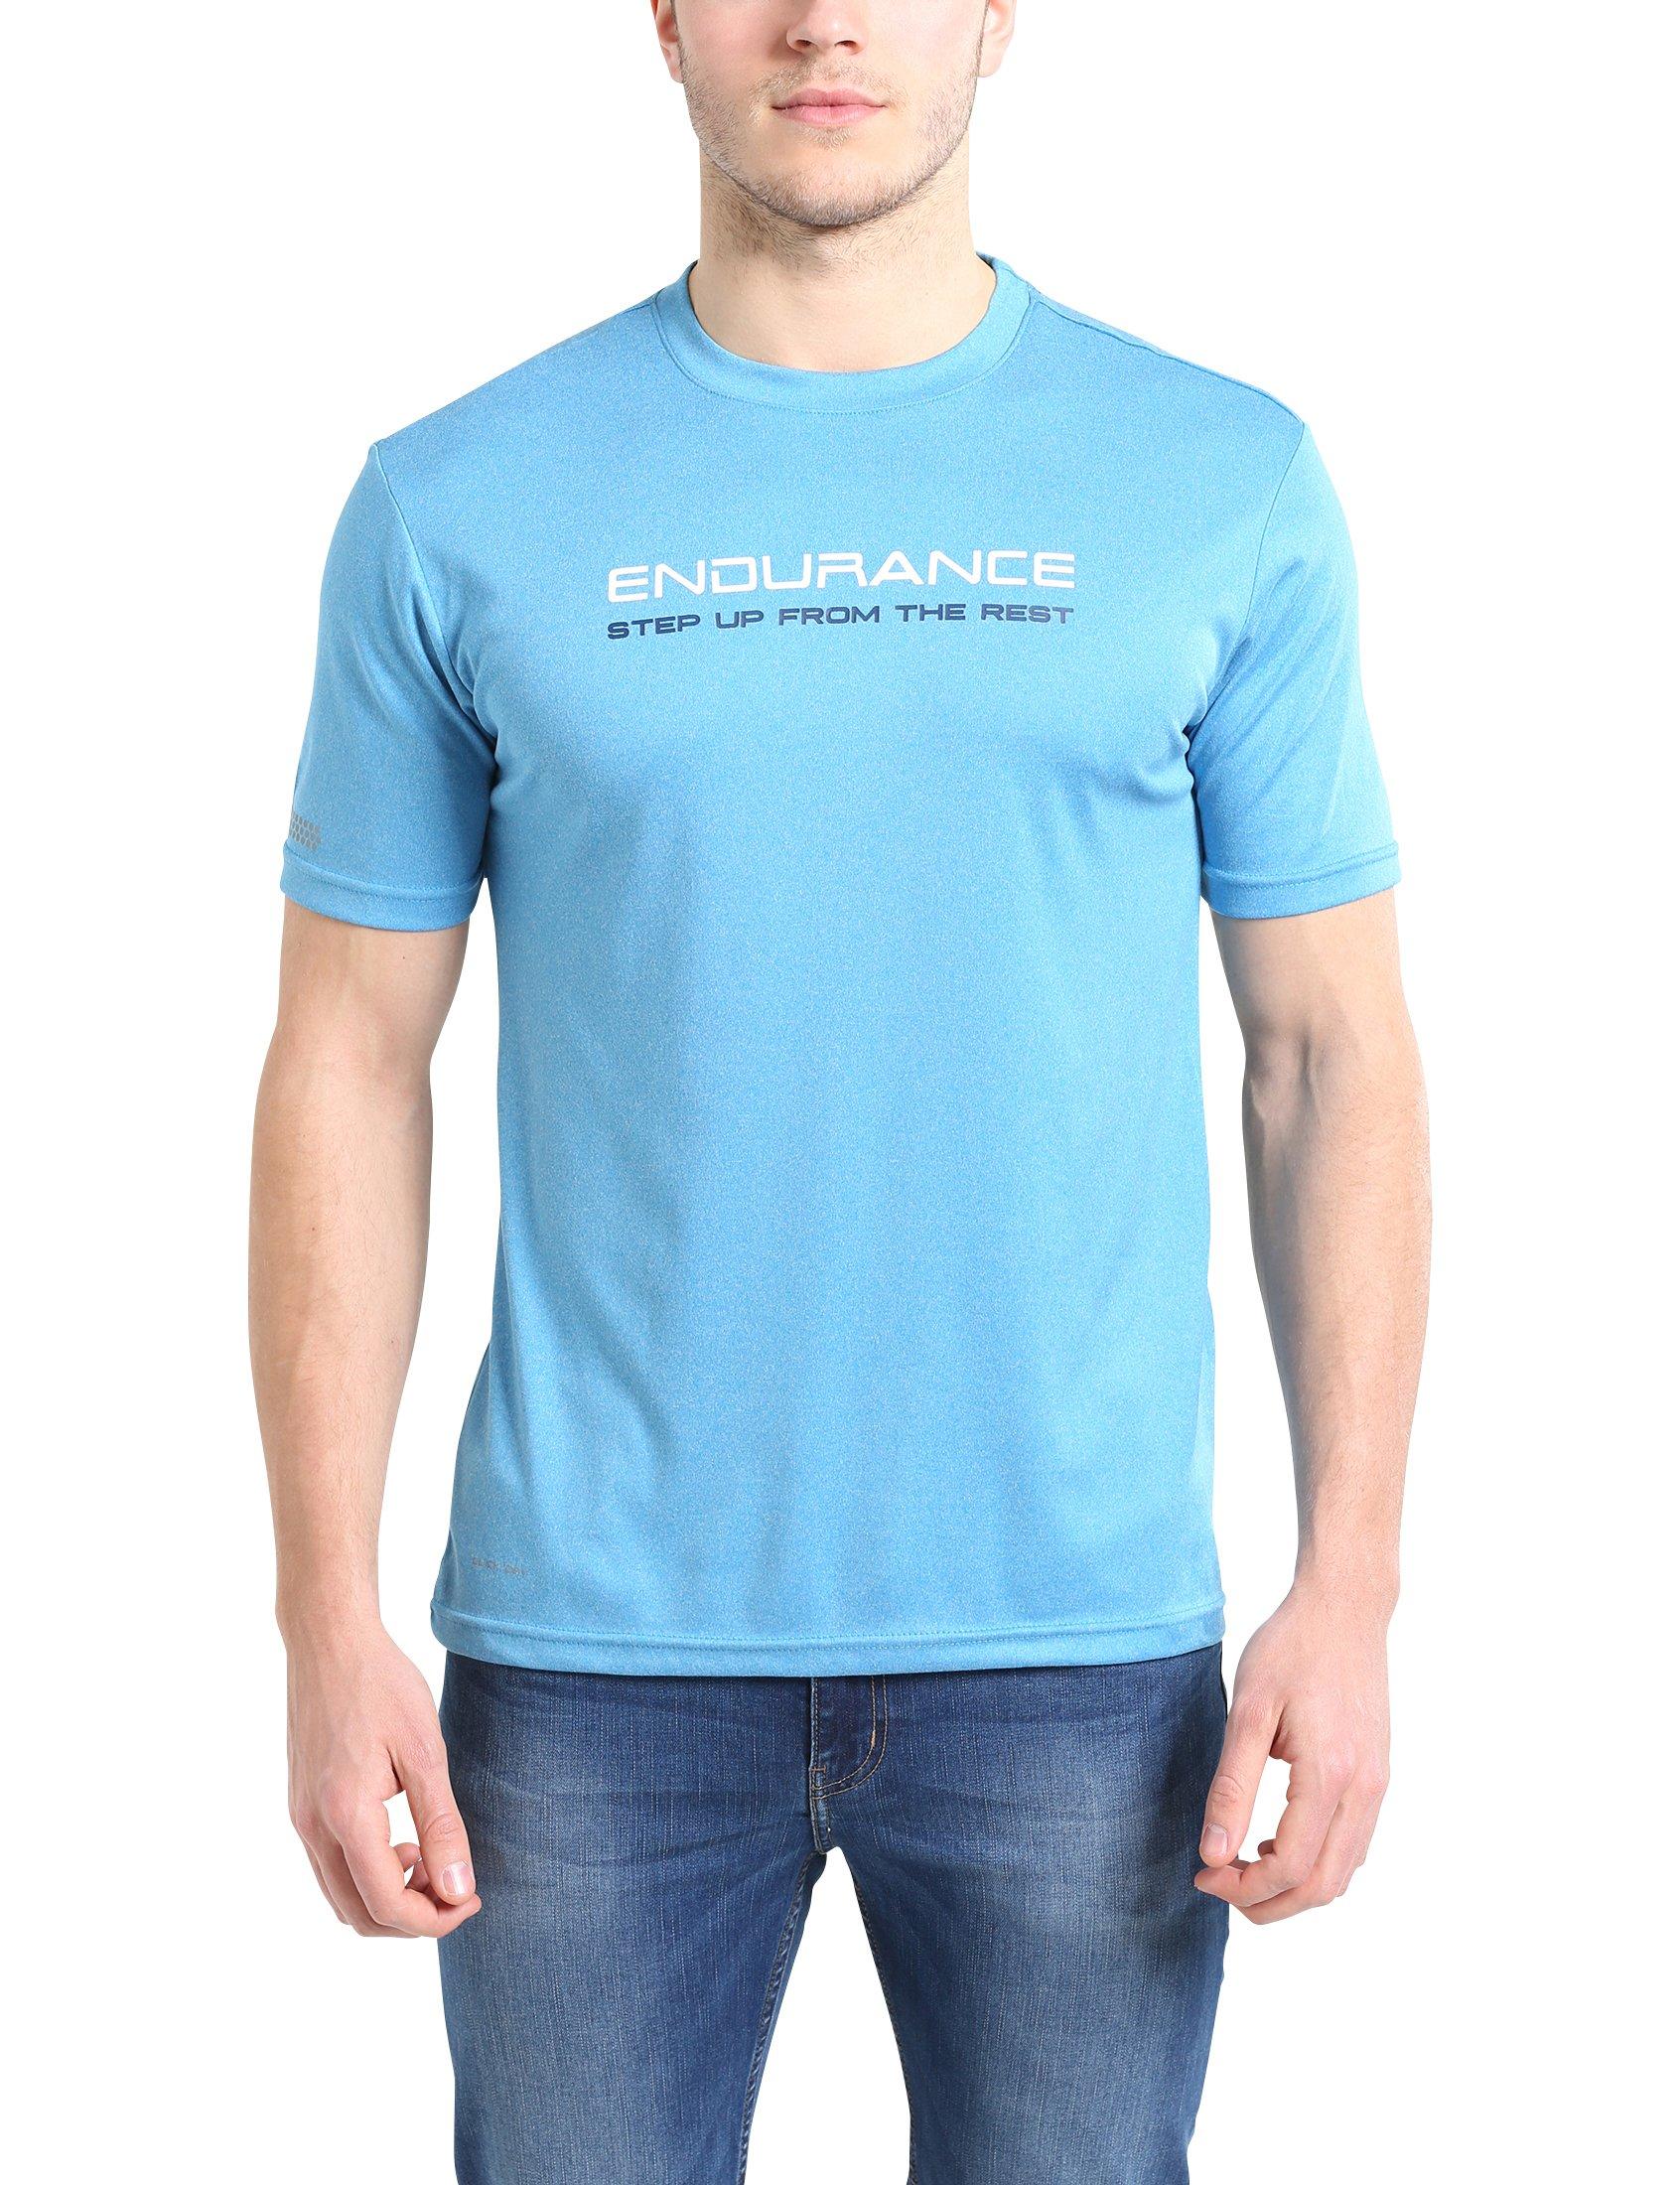 Fonctionnel Shirt Pour Endurance Quay Ultrasport T Homme gyvIYf7b6